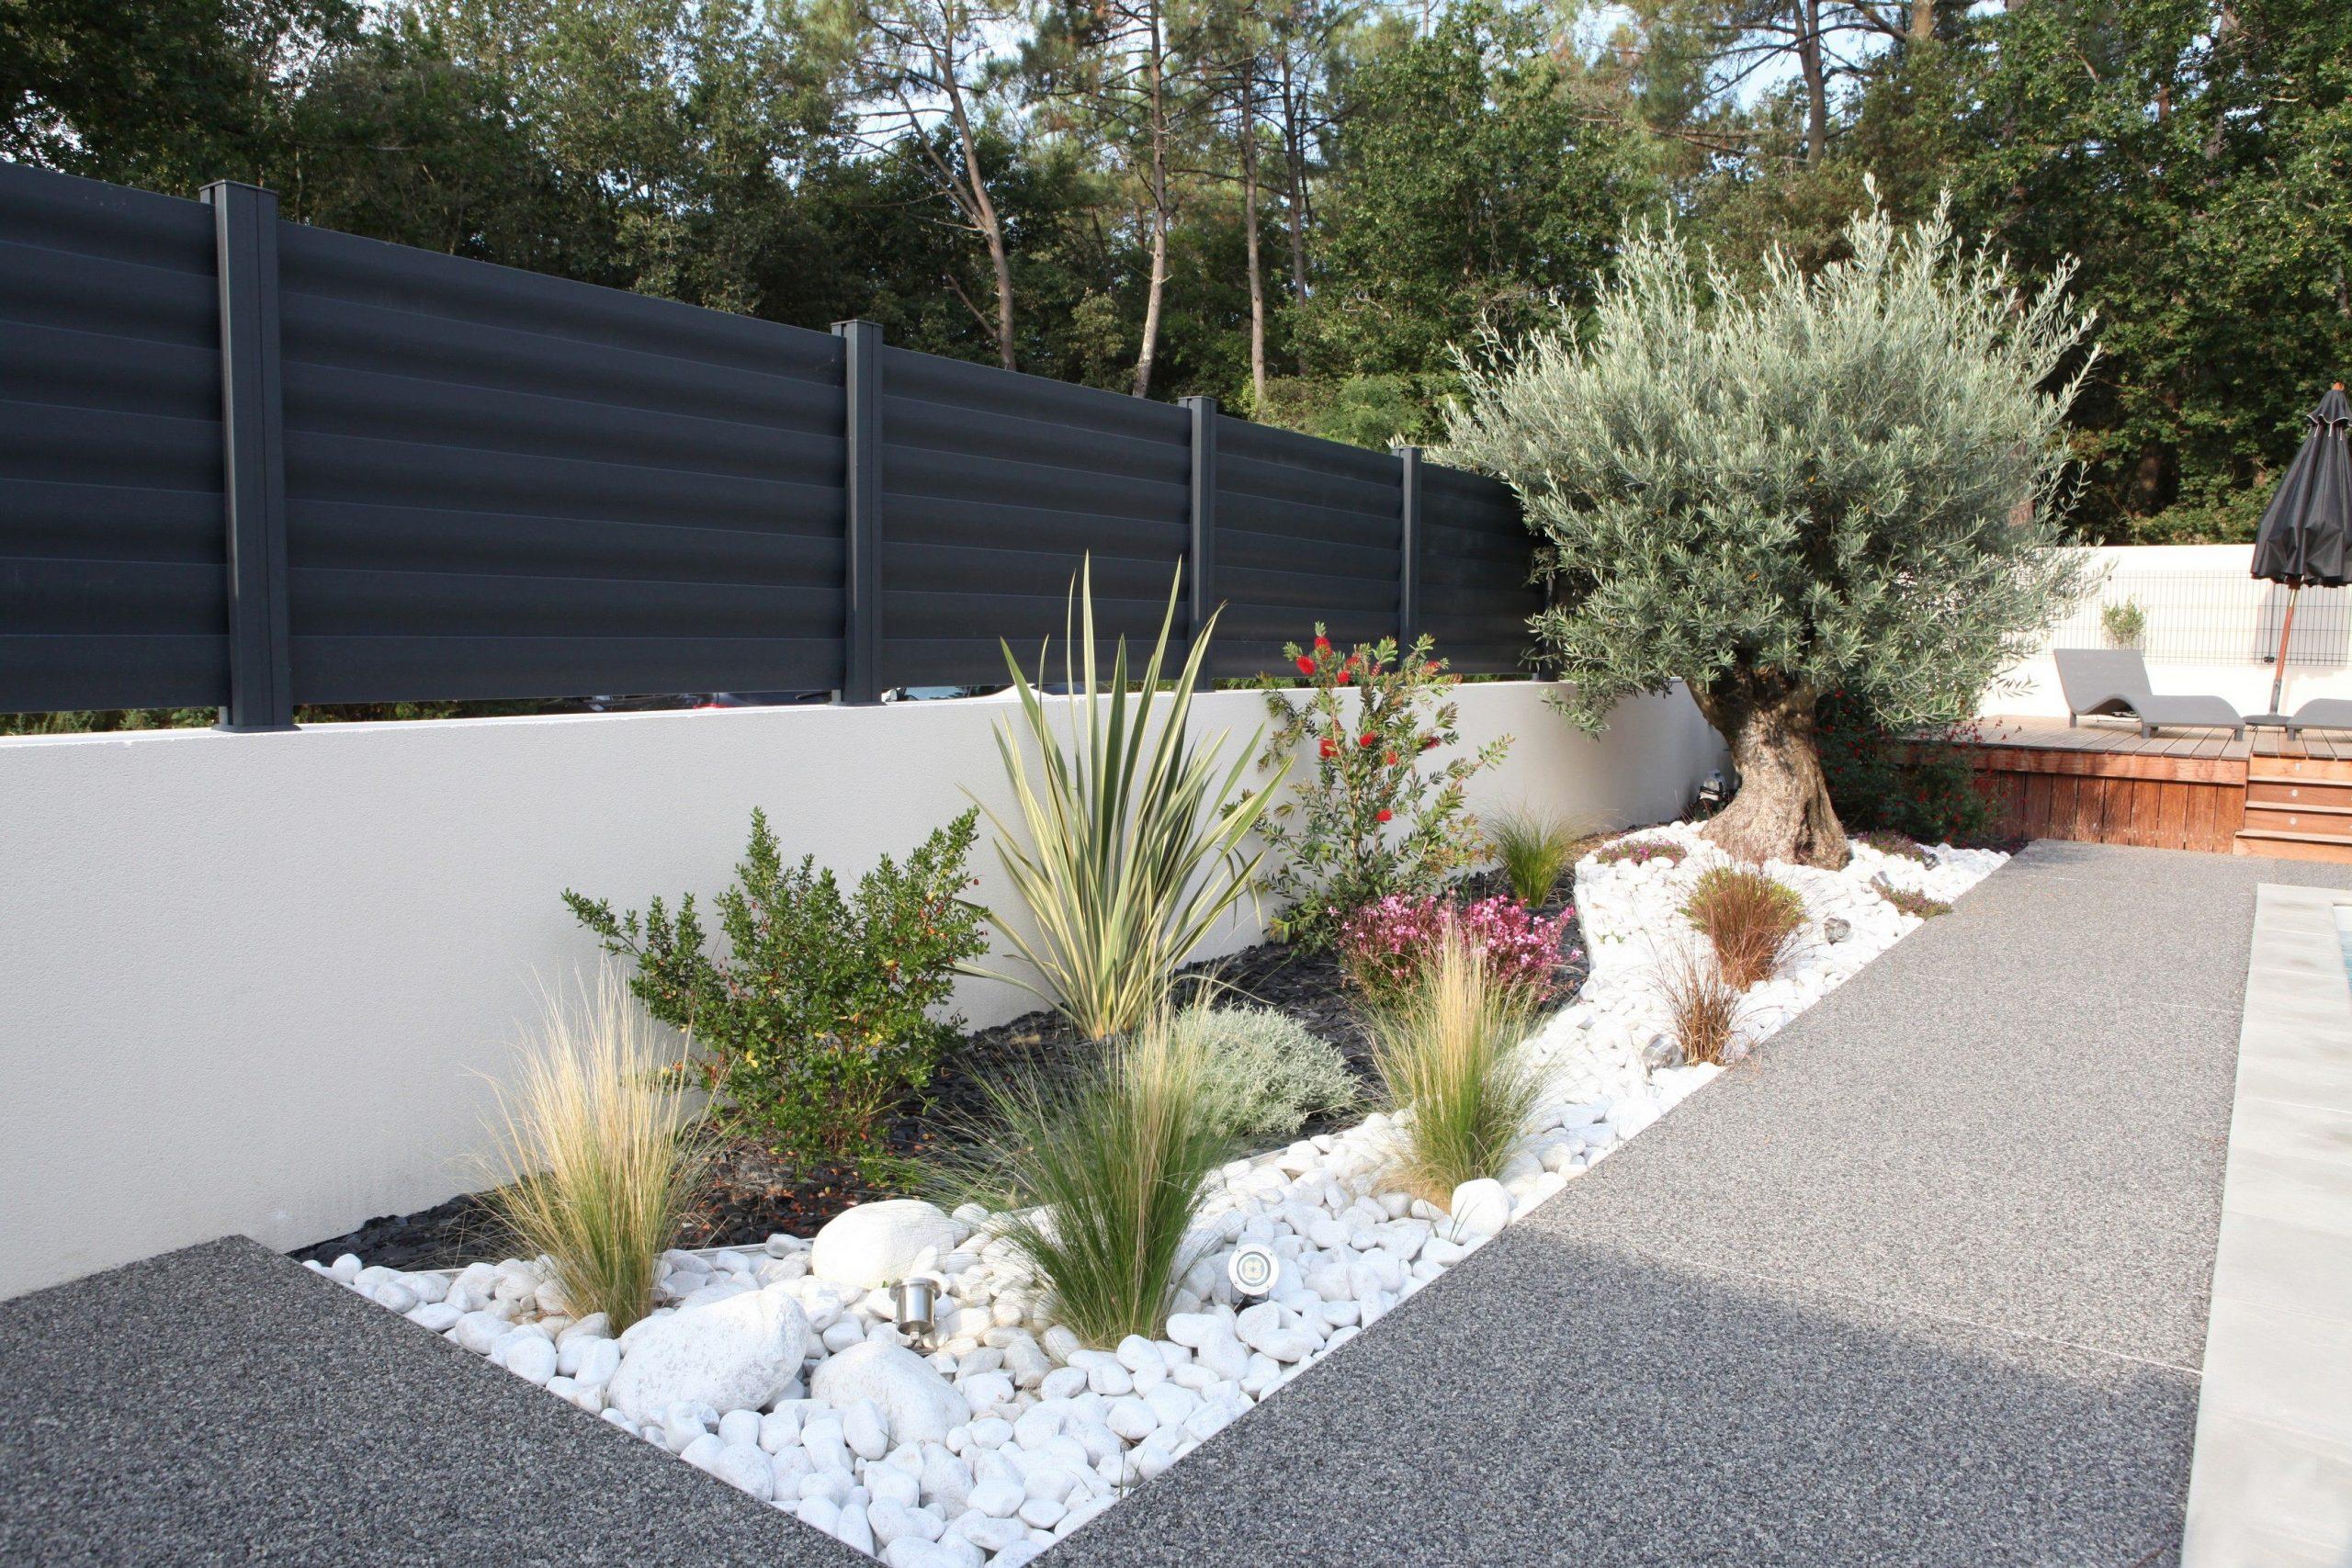 Clôtures Aluminium Modèle Brise Vue #menuiserie #cloturel ... tout Deco Jardin Moderne